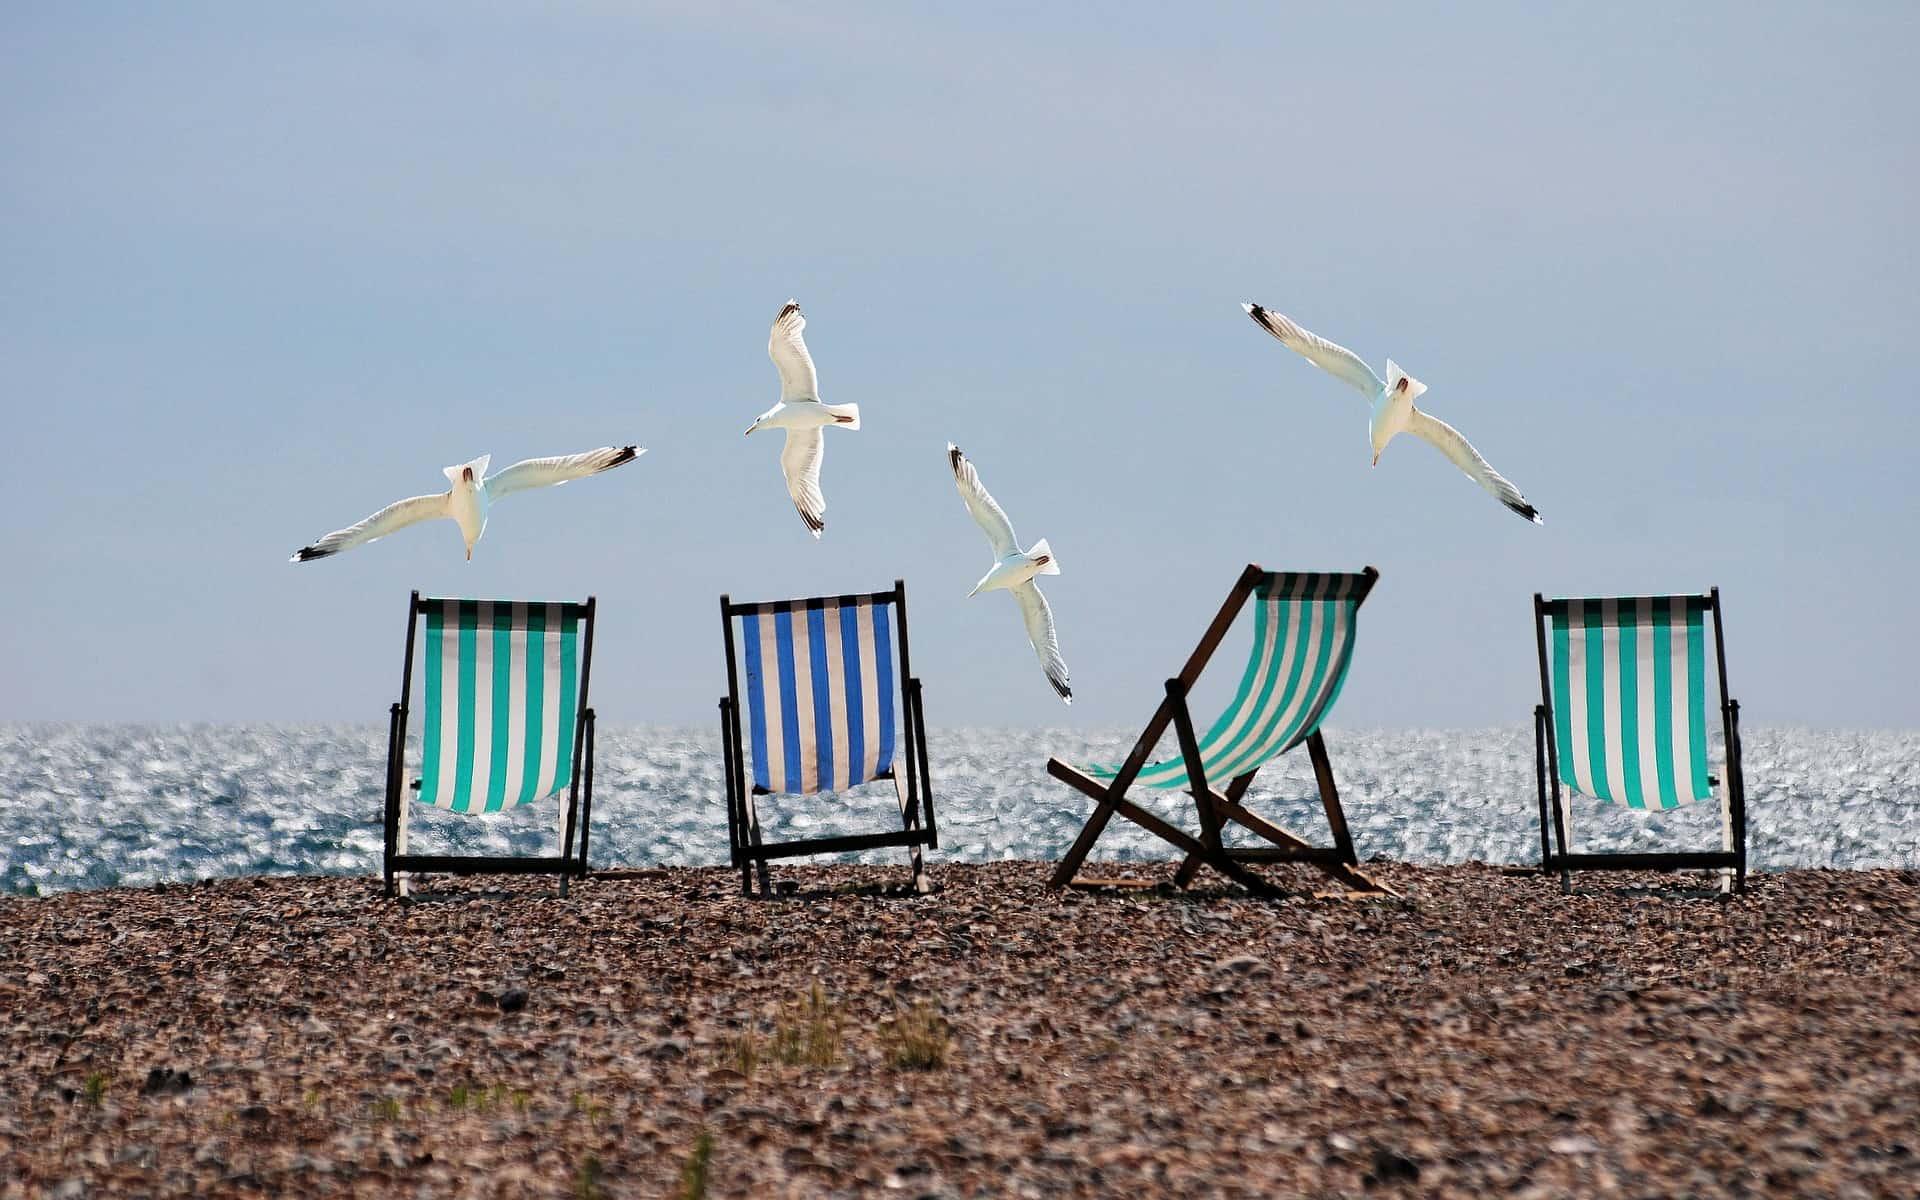 Imagem de espreguiçadeiras na praia, sendo sobrevoados por gaivotas.